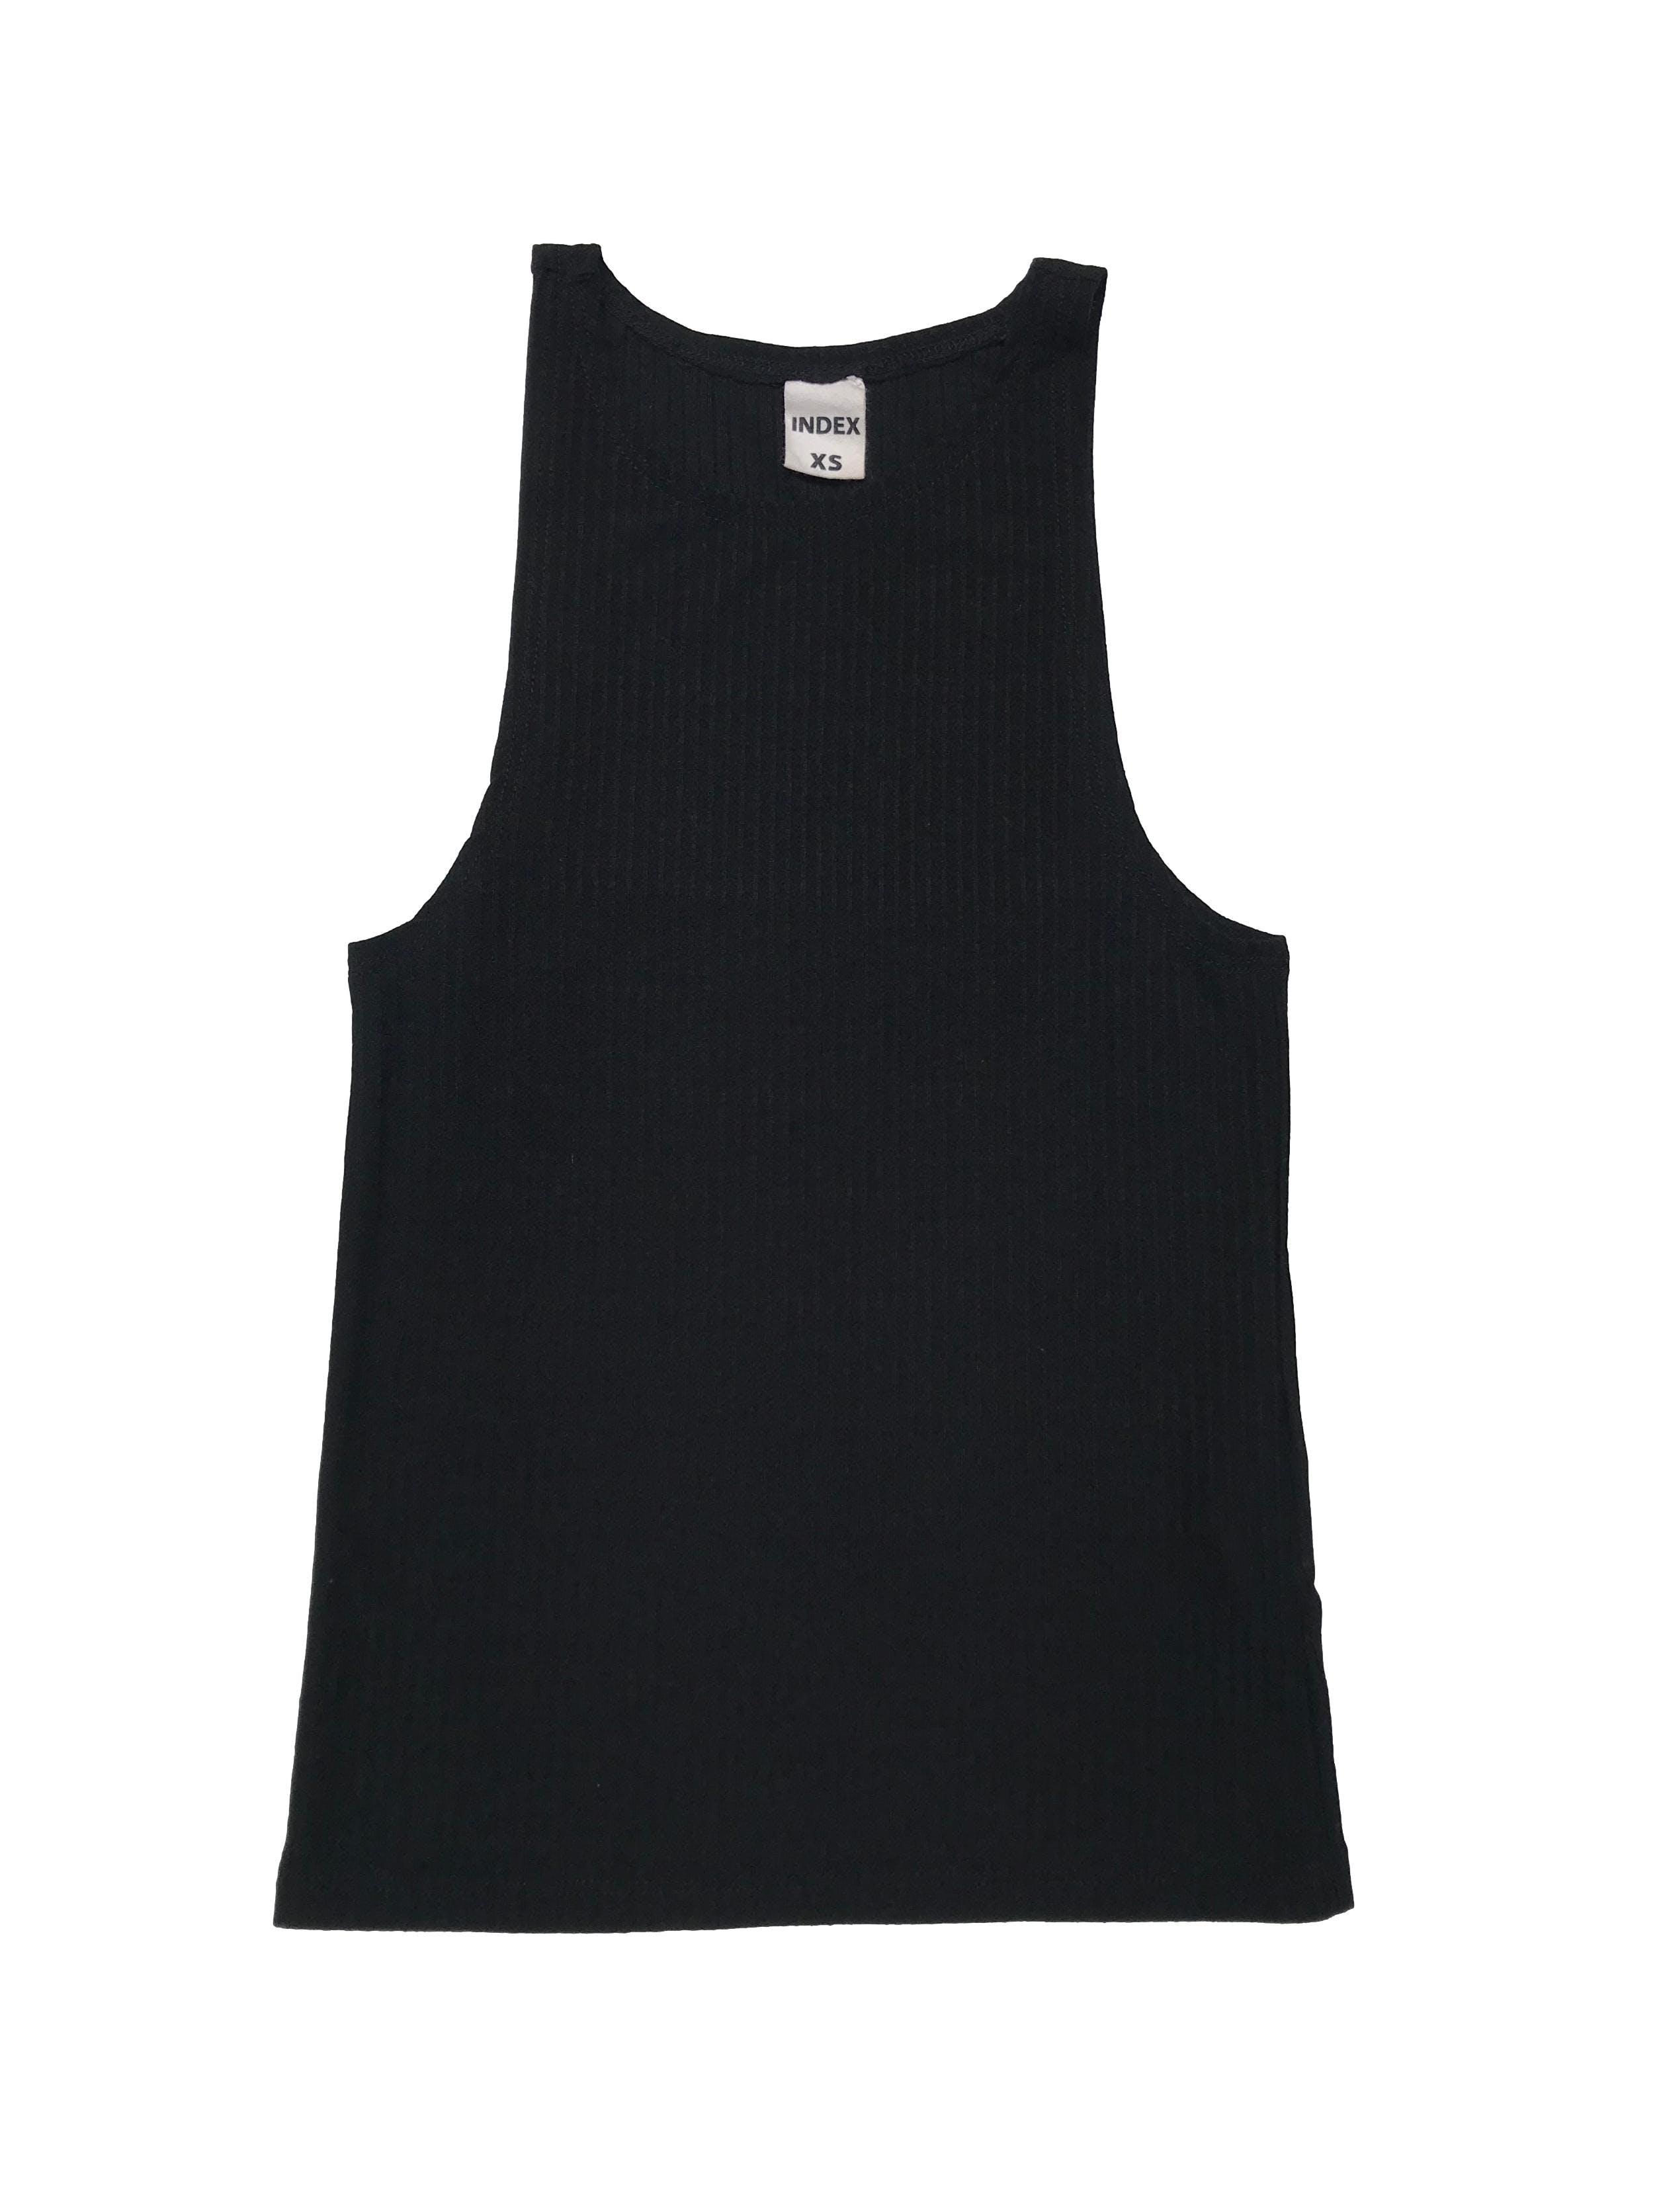 Top básico Index negro con textura en líneas, tela tipo algodón stretch. Largo 50cm